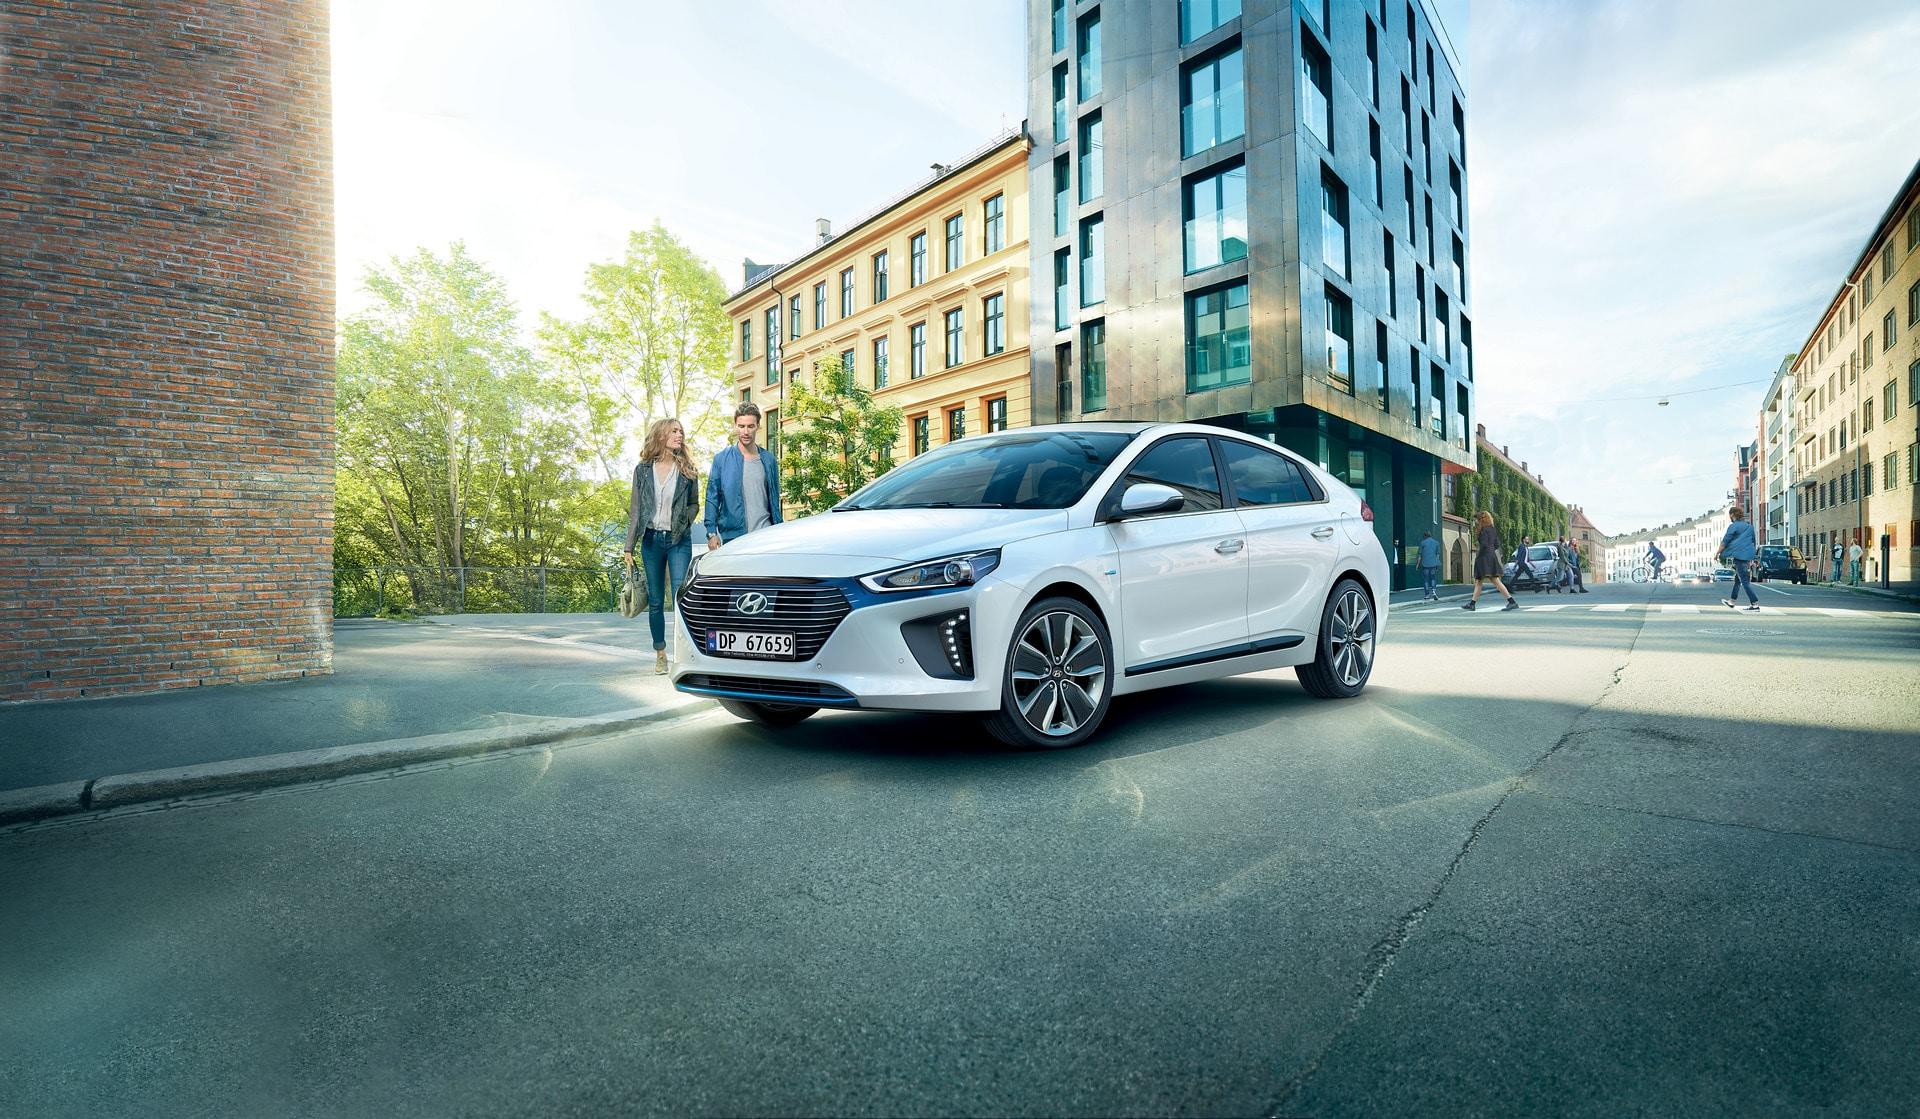 Birger N Haug forhandler Hyundai i Buskerud, Oslo og Asker Kvalitet og omtanke